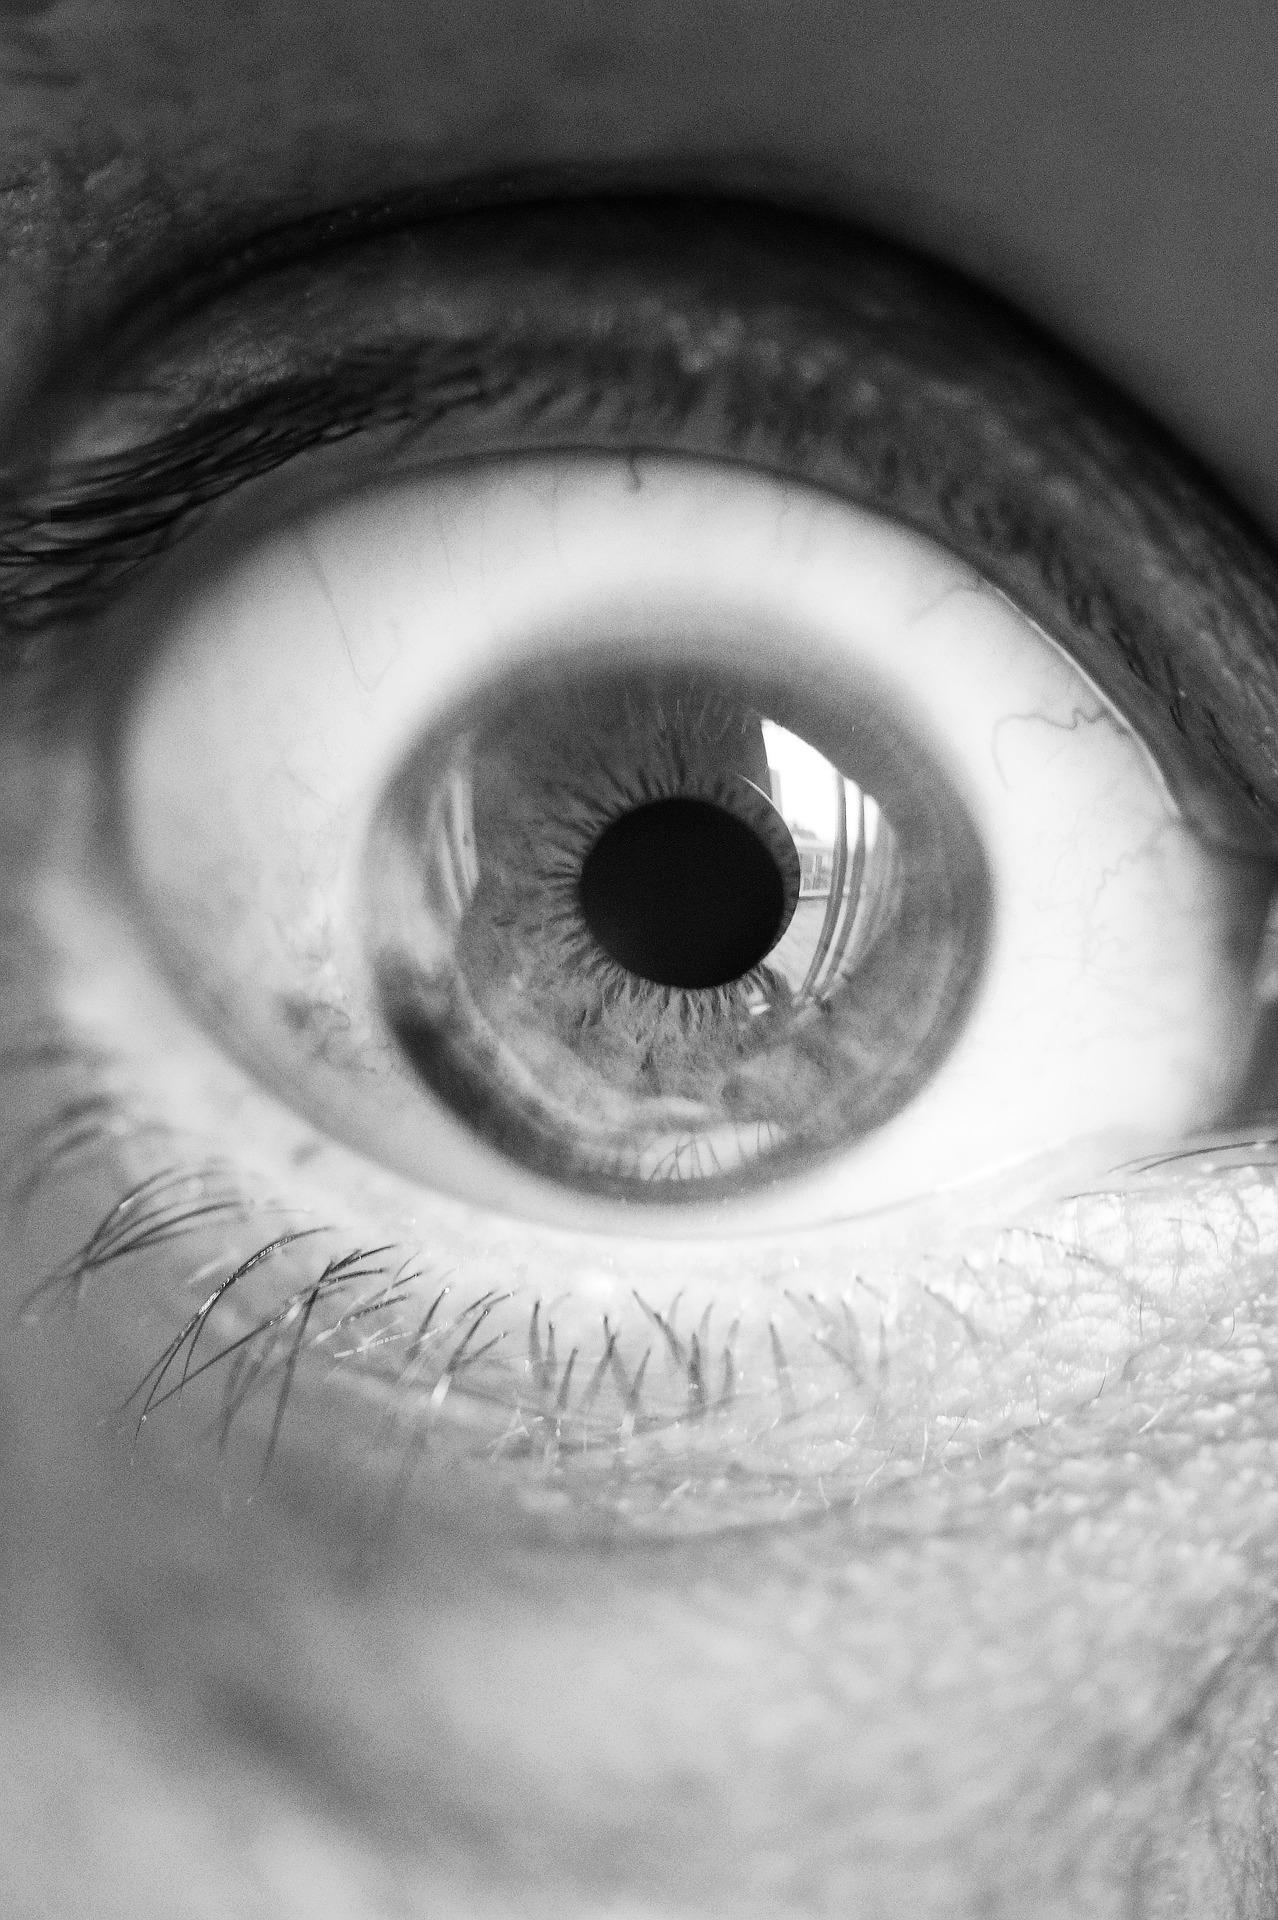 Momentanea en un ojo vision borrosa